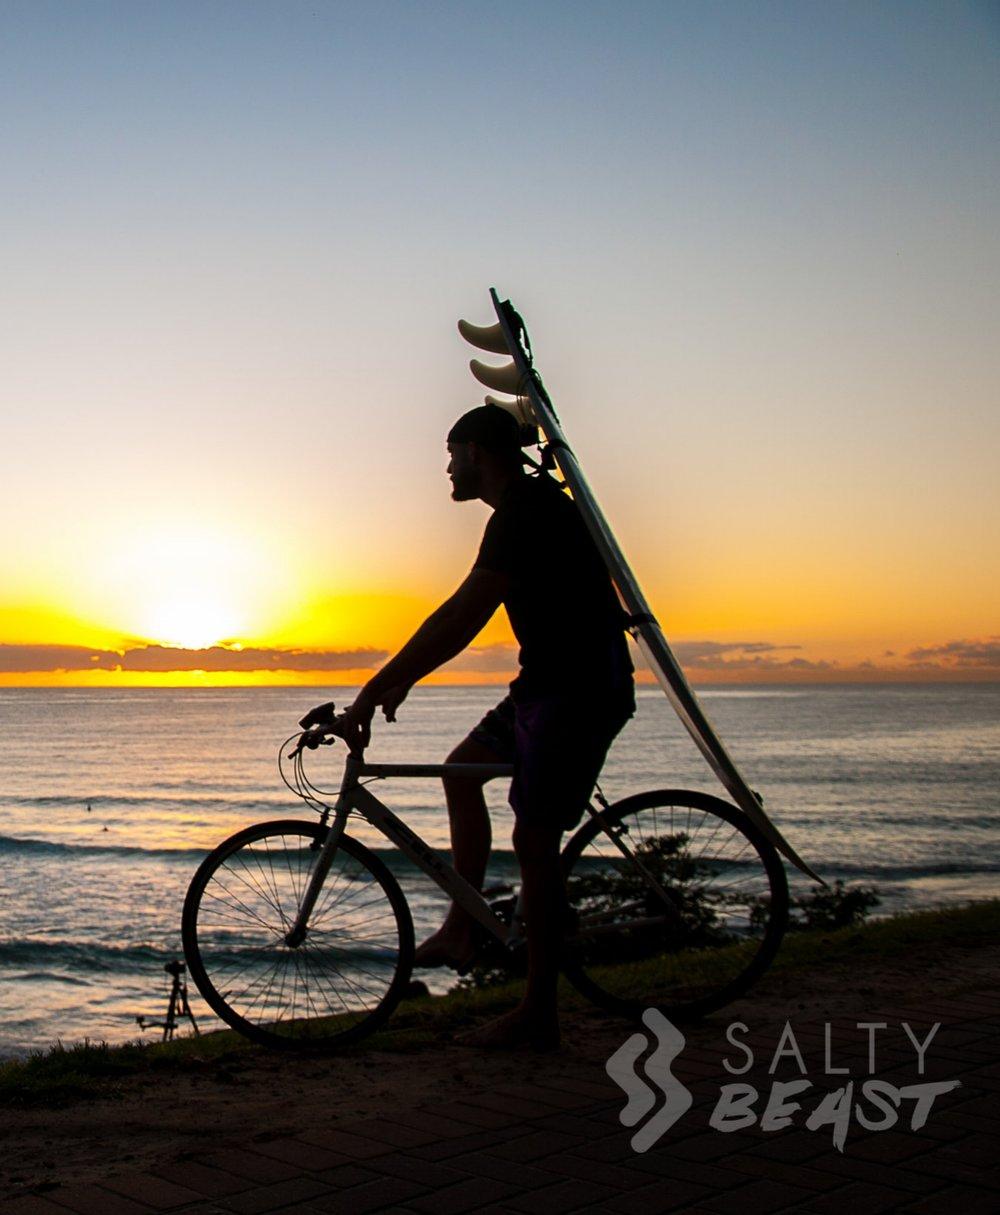 2015-11-17 SaltyBeast bike photos - DSC_1243.jpg